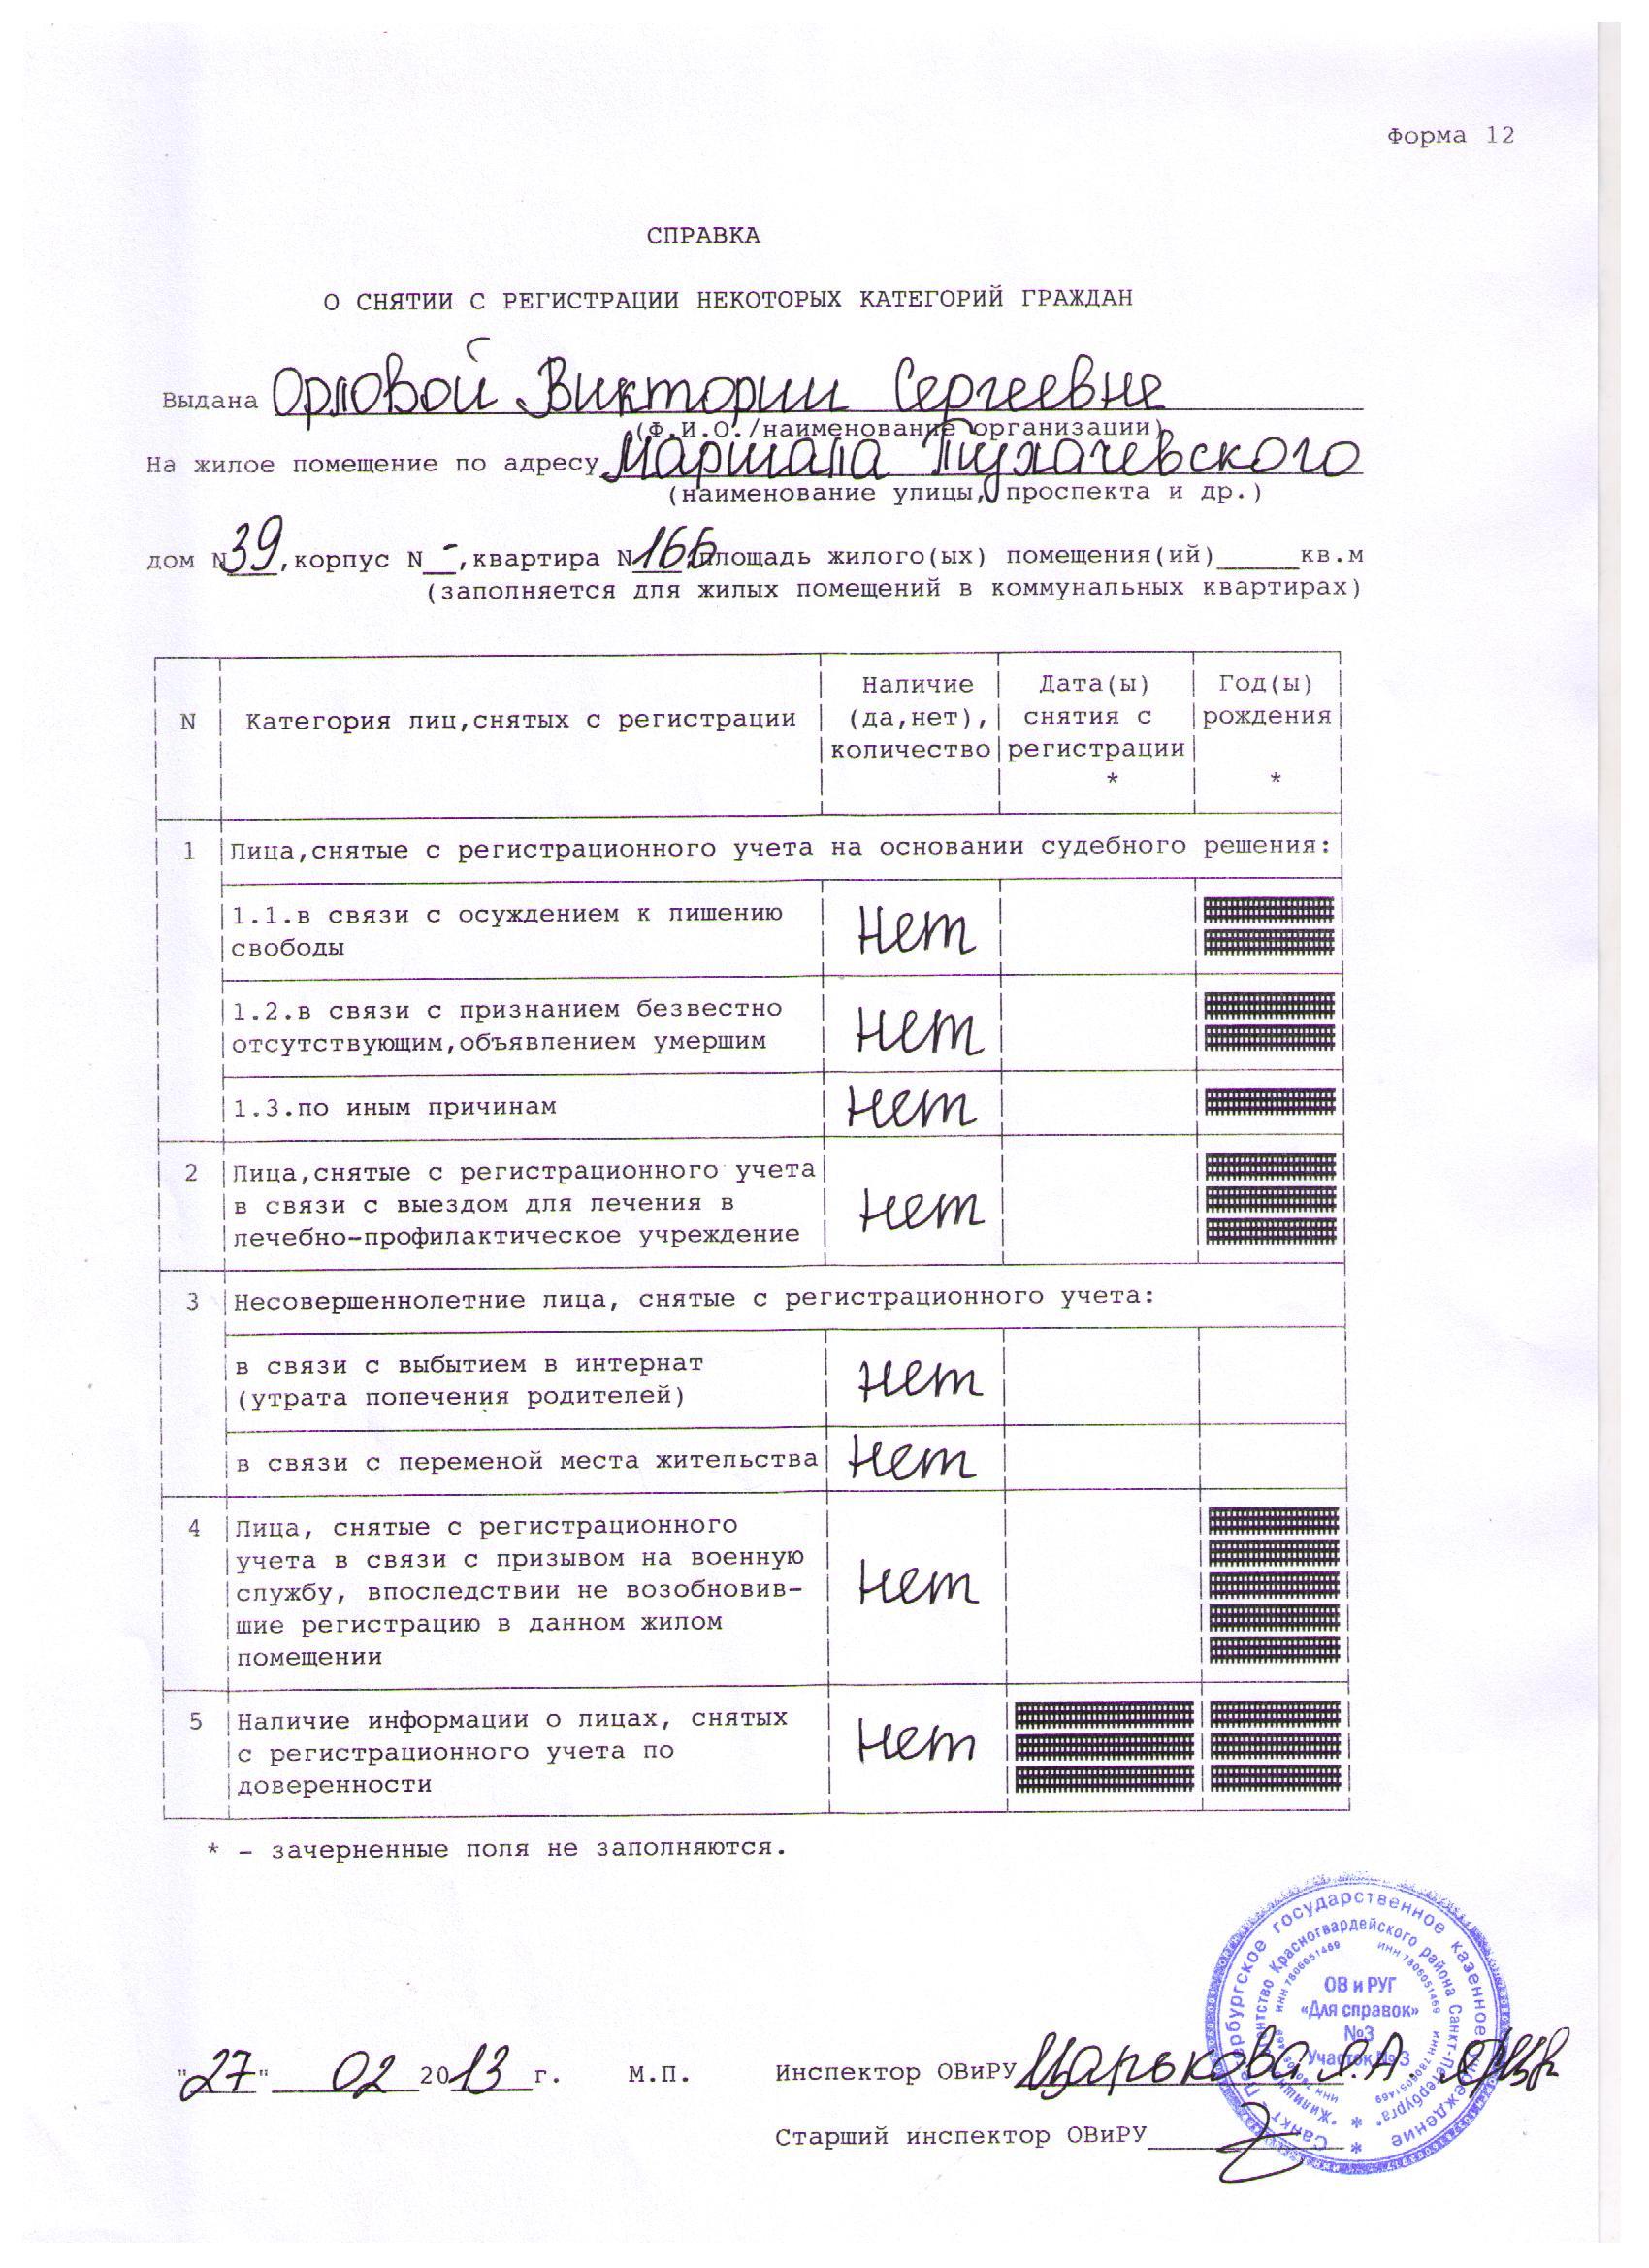 Справка о регистрации форма 9 образец заполнения.